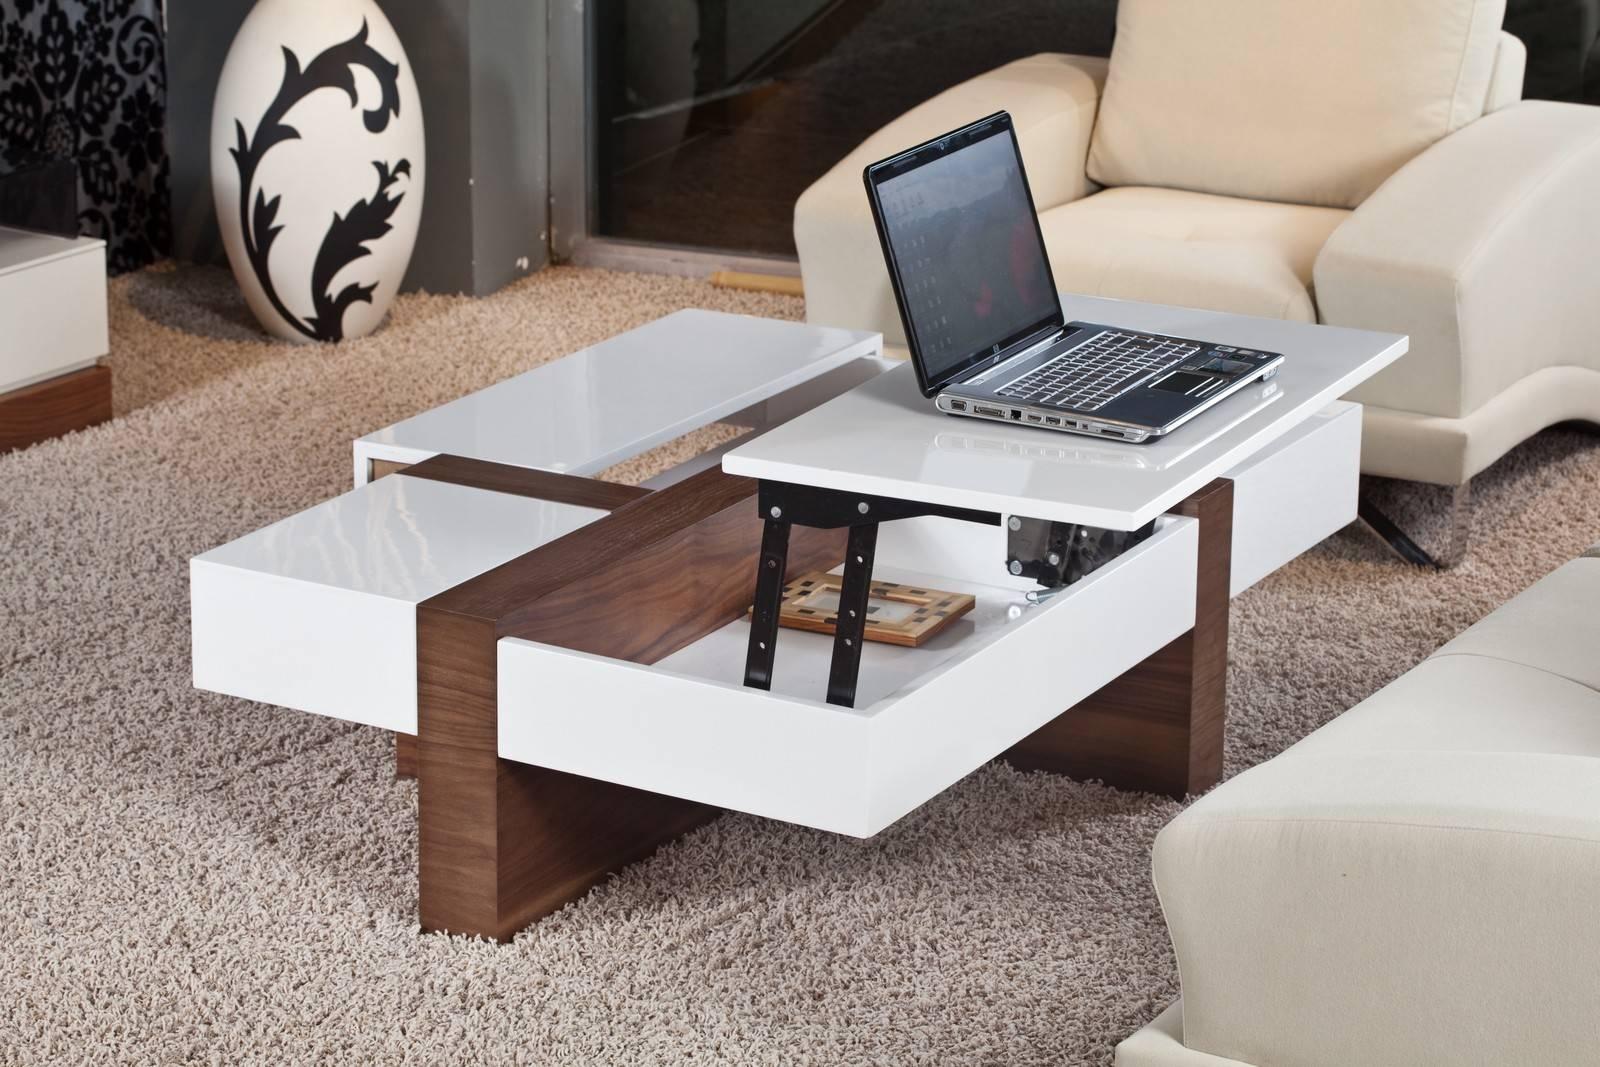 Walgrave Modern Lift Top Hidden Storage Coffee Table | Coffee with Coffee Tables With Lift Top and Storage (Image 14 of 14)